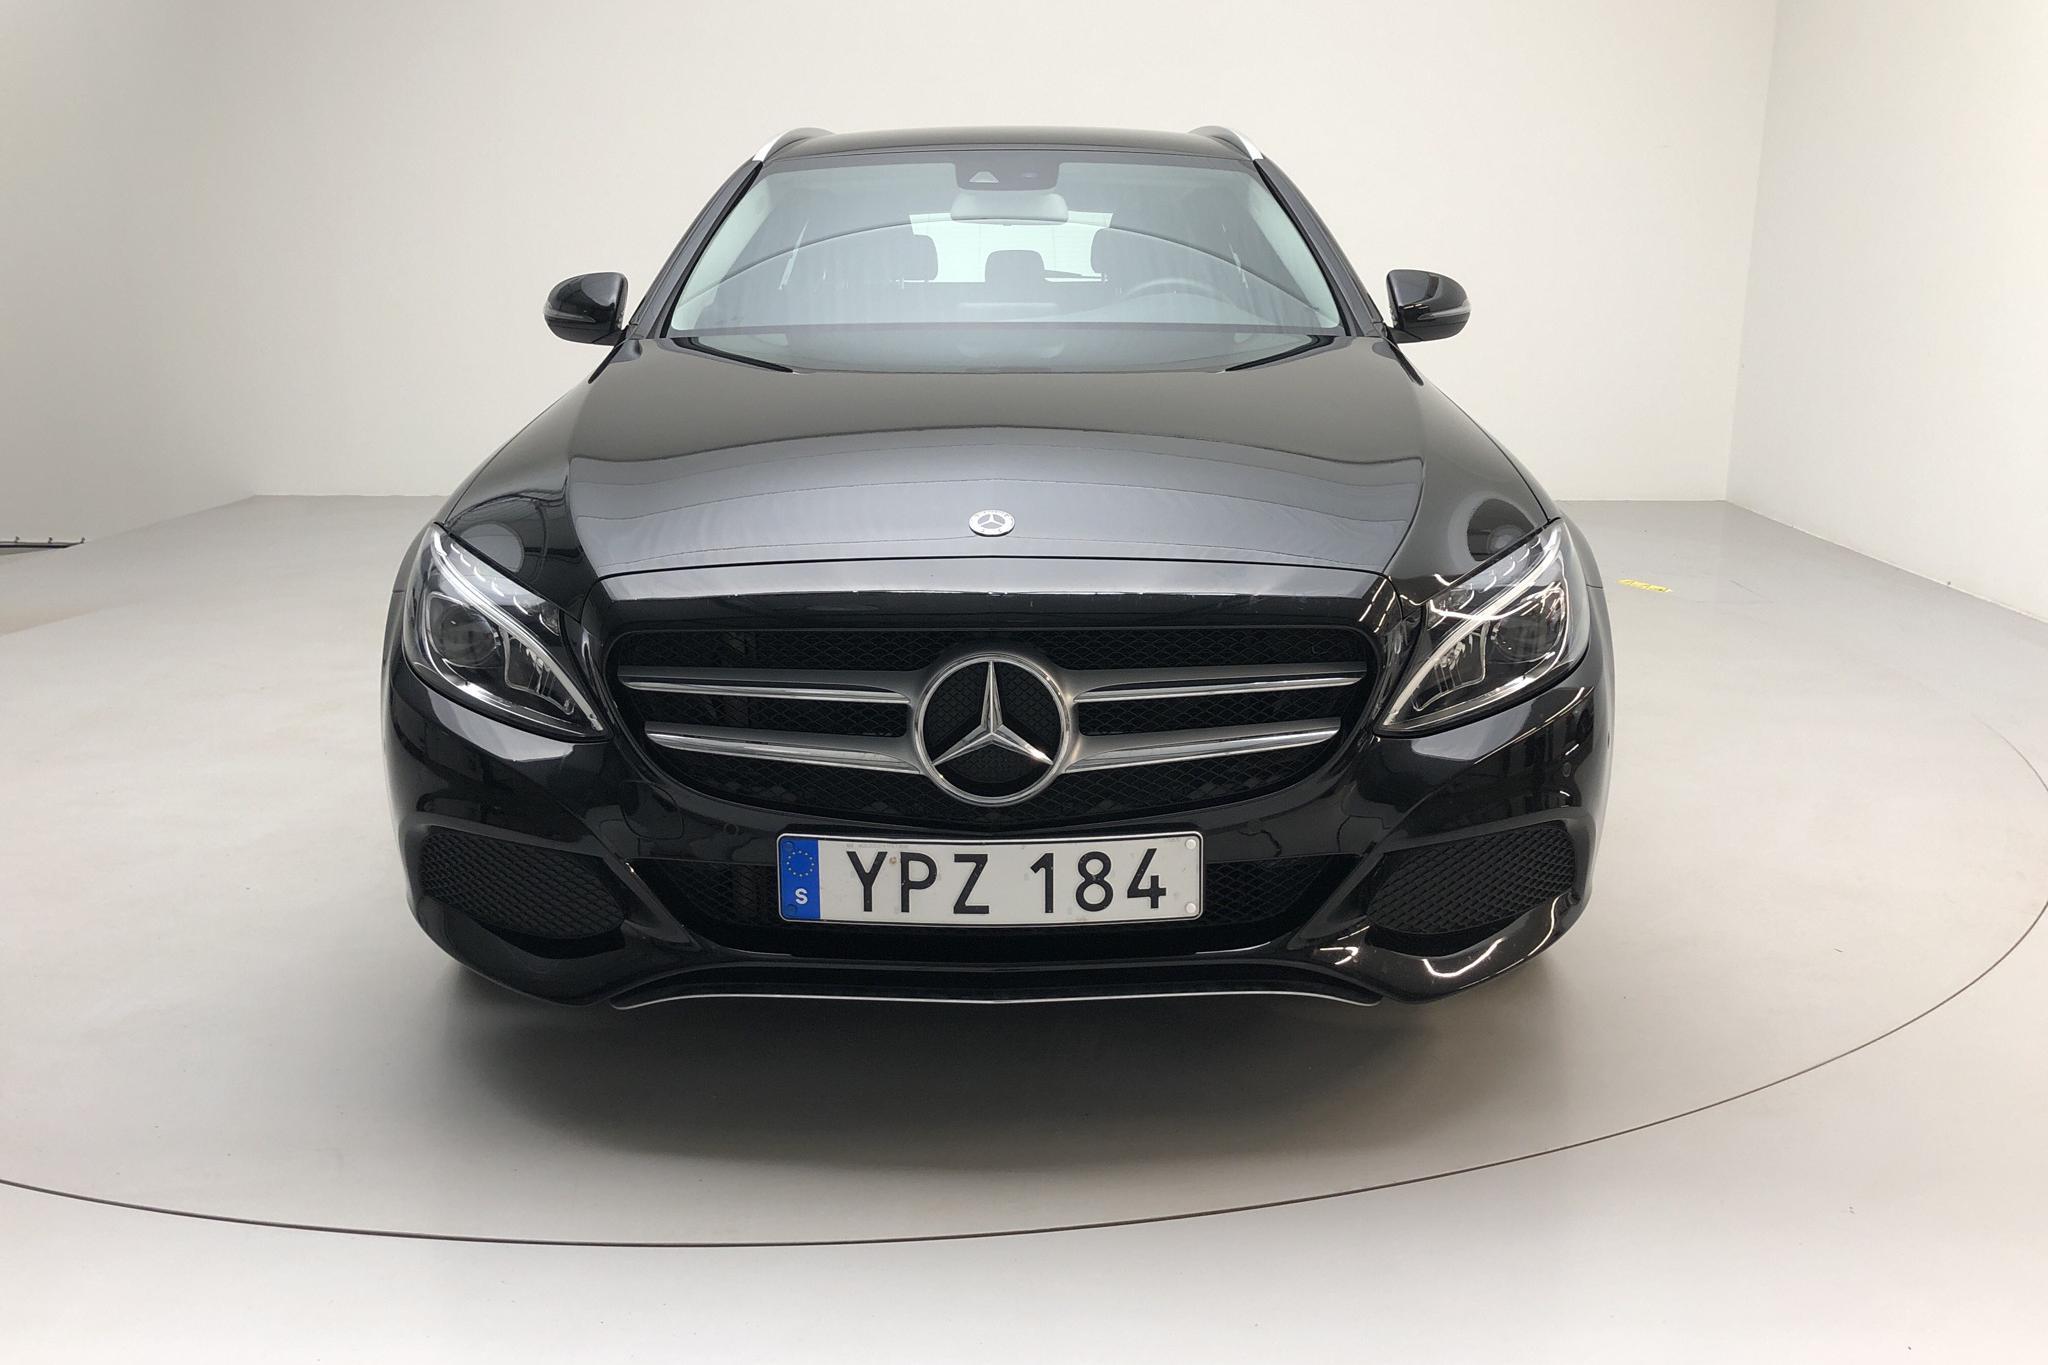 Mercedes C 220 d Kombi S205 (170hk) - 39 760 km - Manual - black - 2018